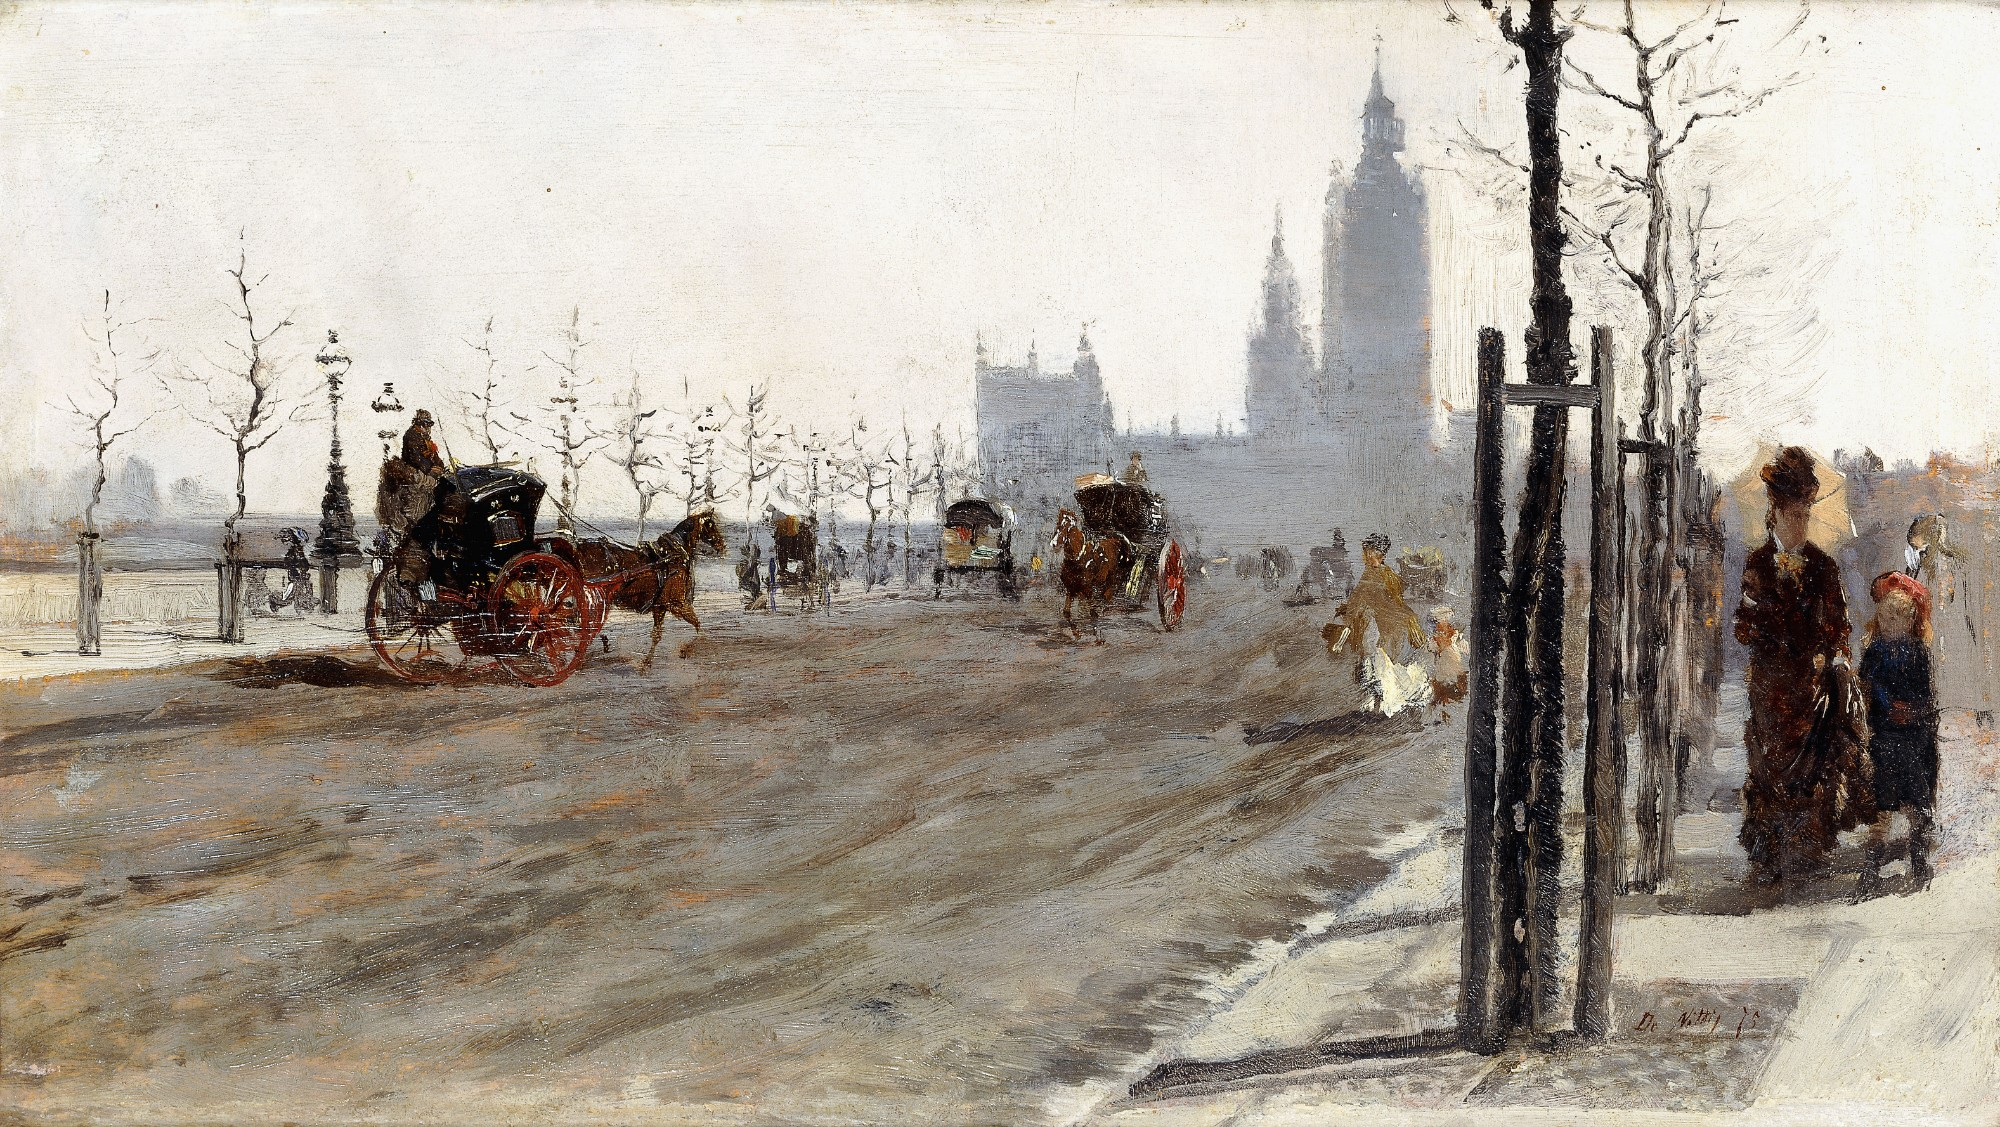 Giuseppe de Nittis (1846 – 1884) - The Victoria Embankment, London, 1875. Private collection